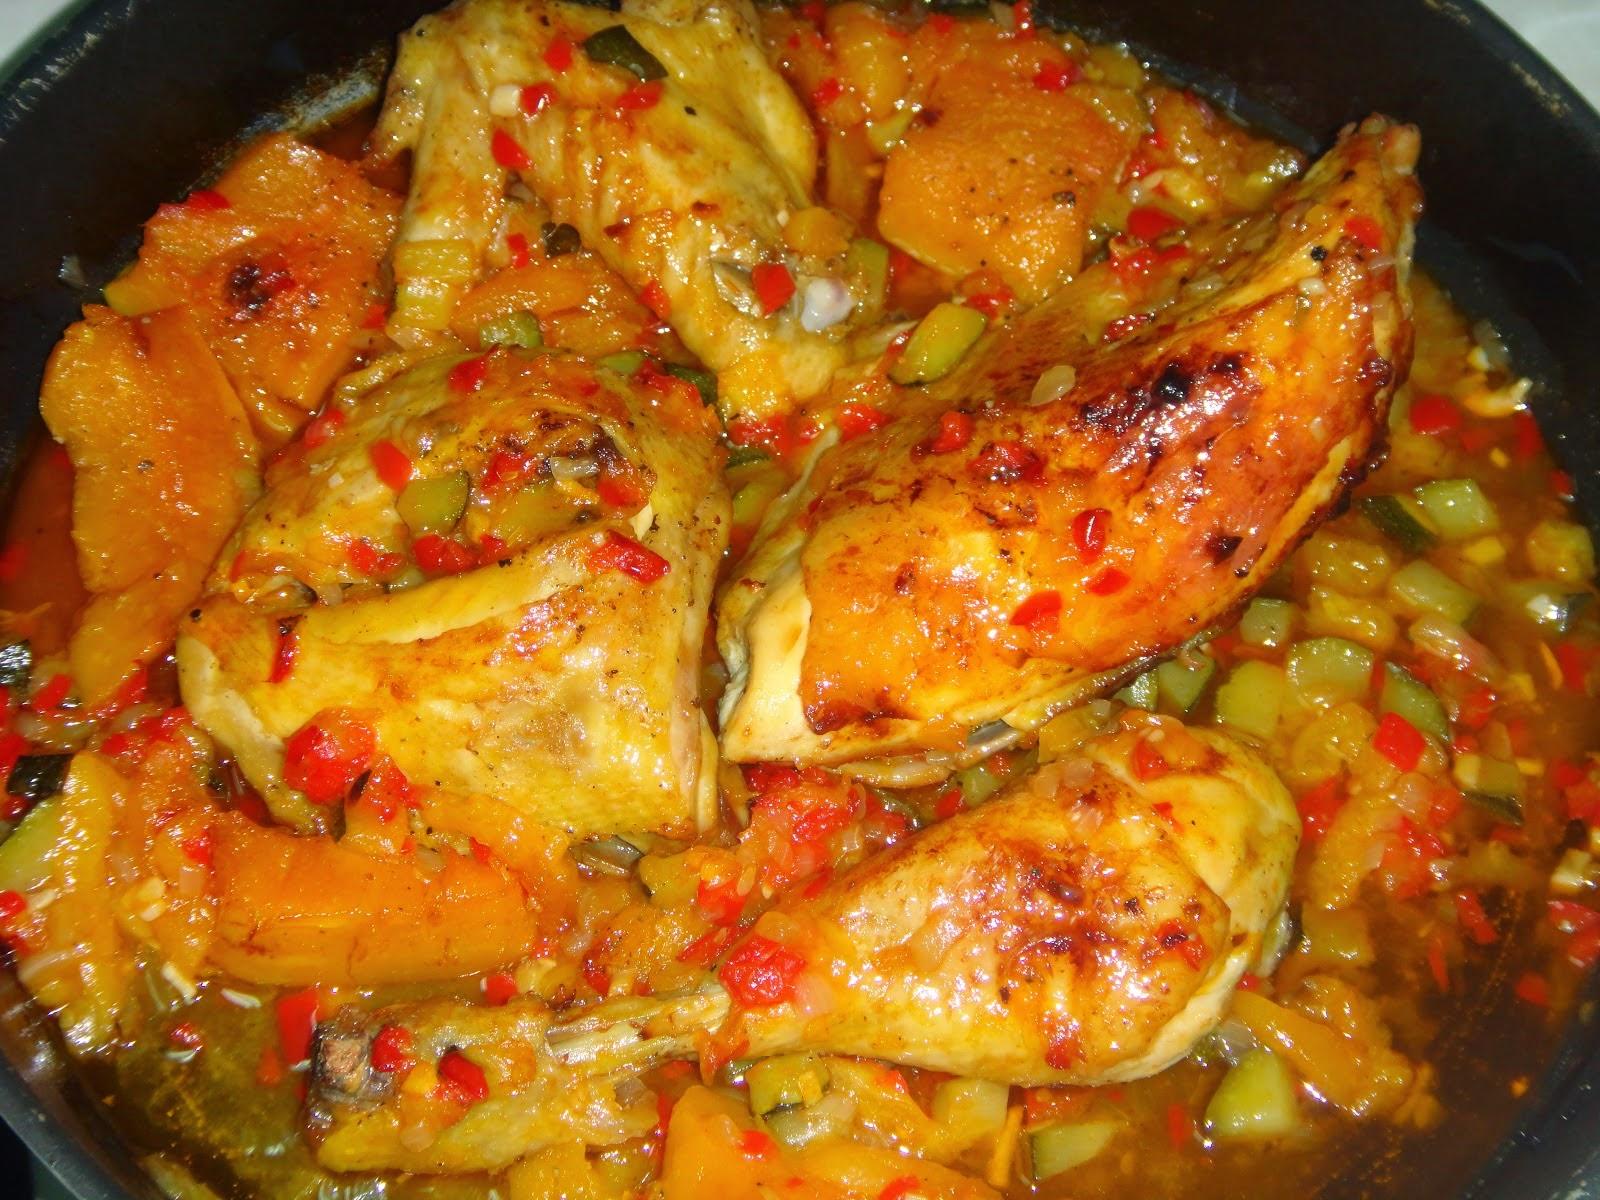 Comida f cil pollo con pisto - Pollo con almendras facil ...